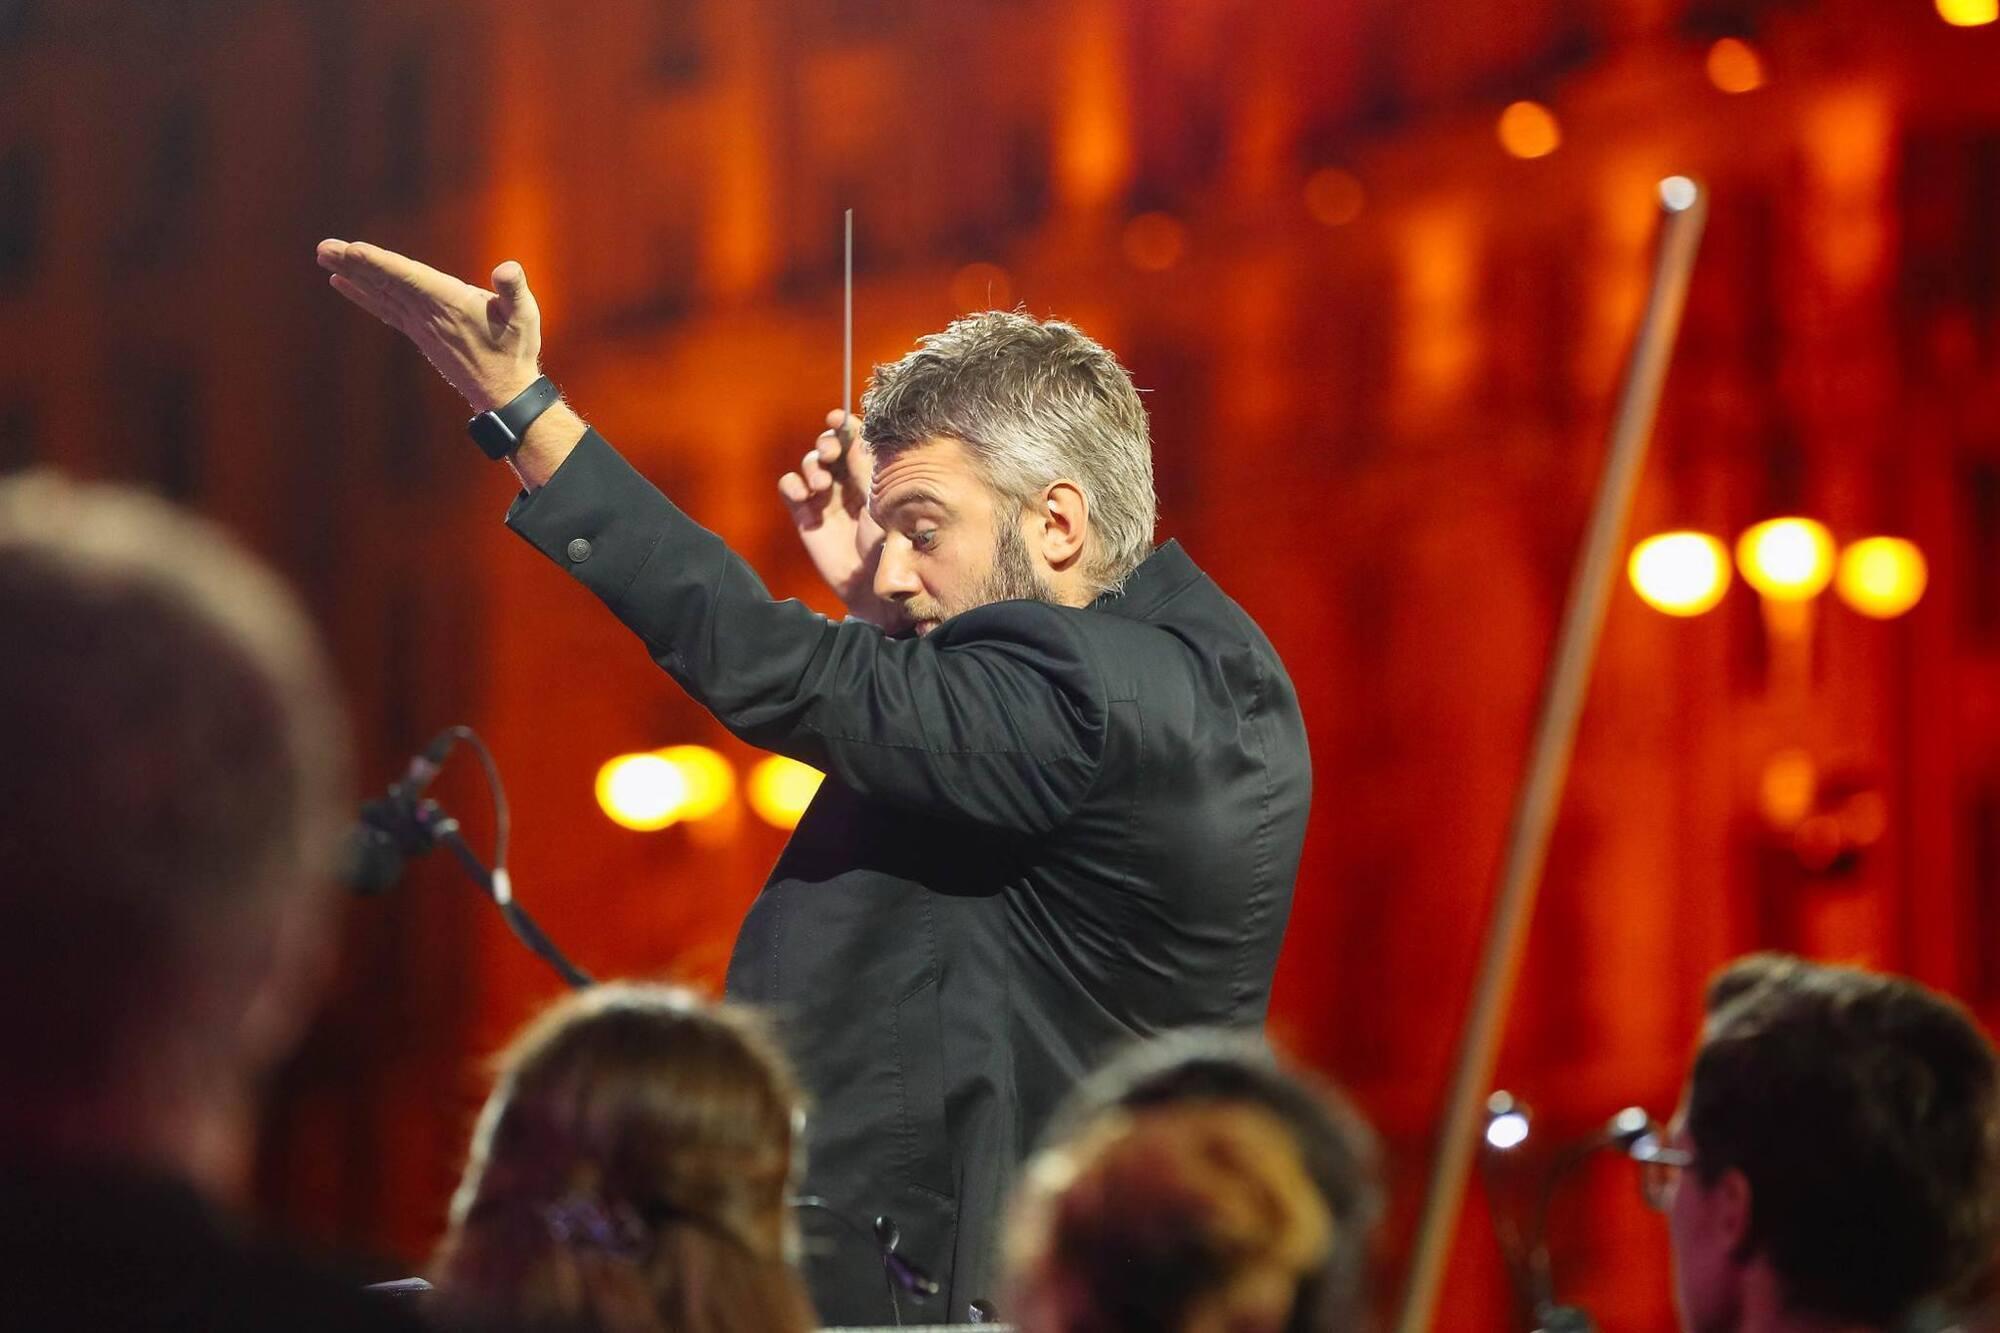 Эмоциональный и артистичный Кирилл Карабиц во время концерта к 25-летию независимости на Майдане.